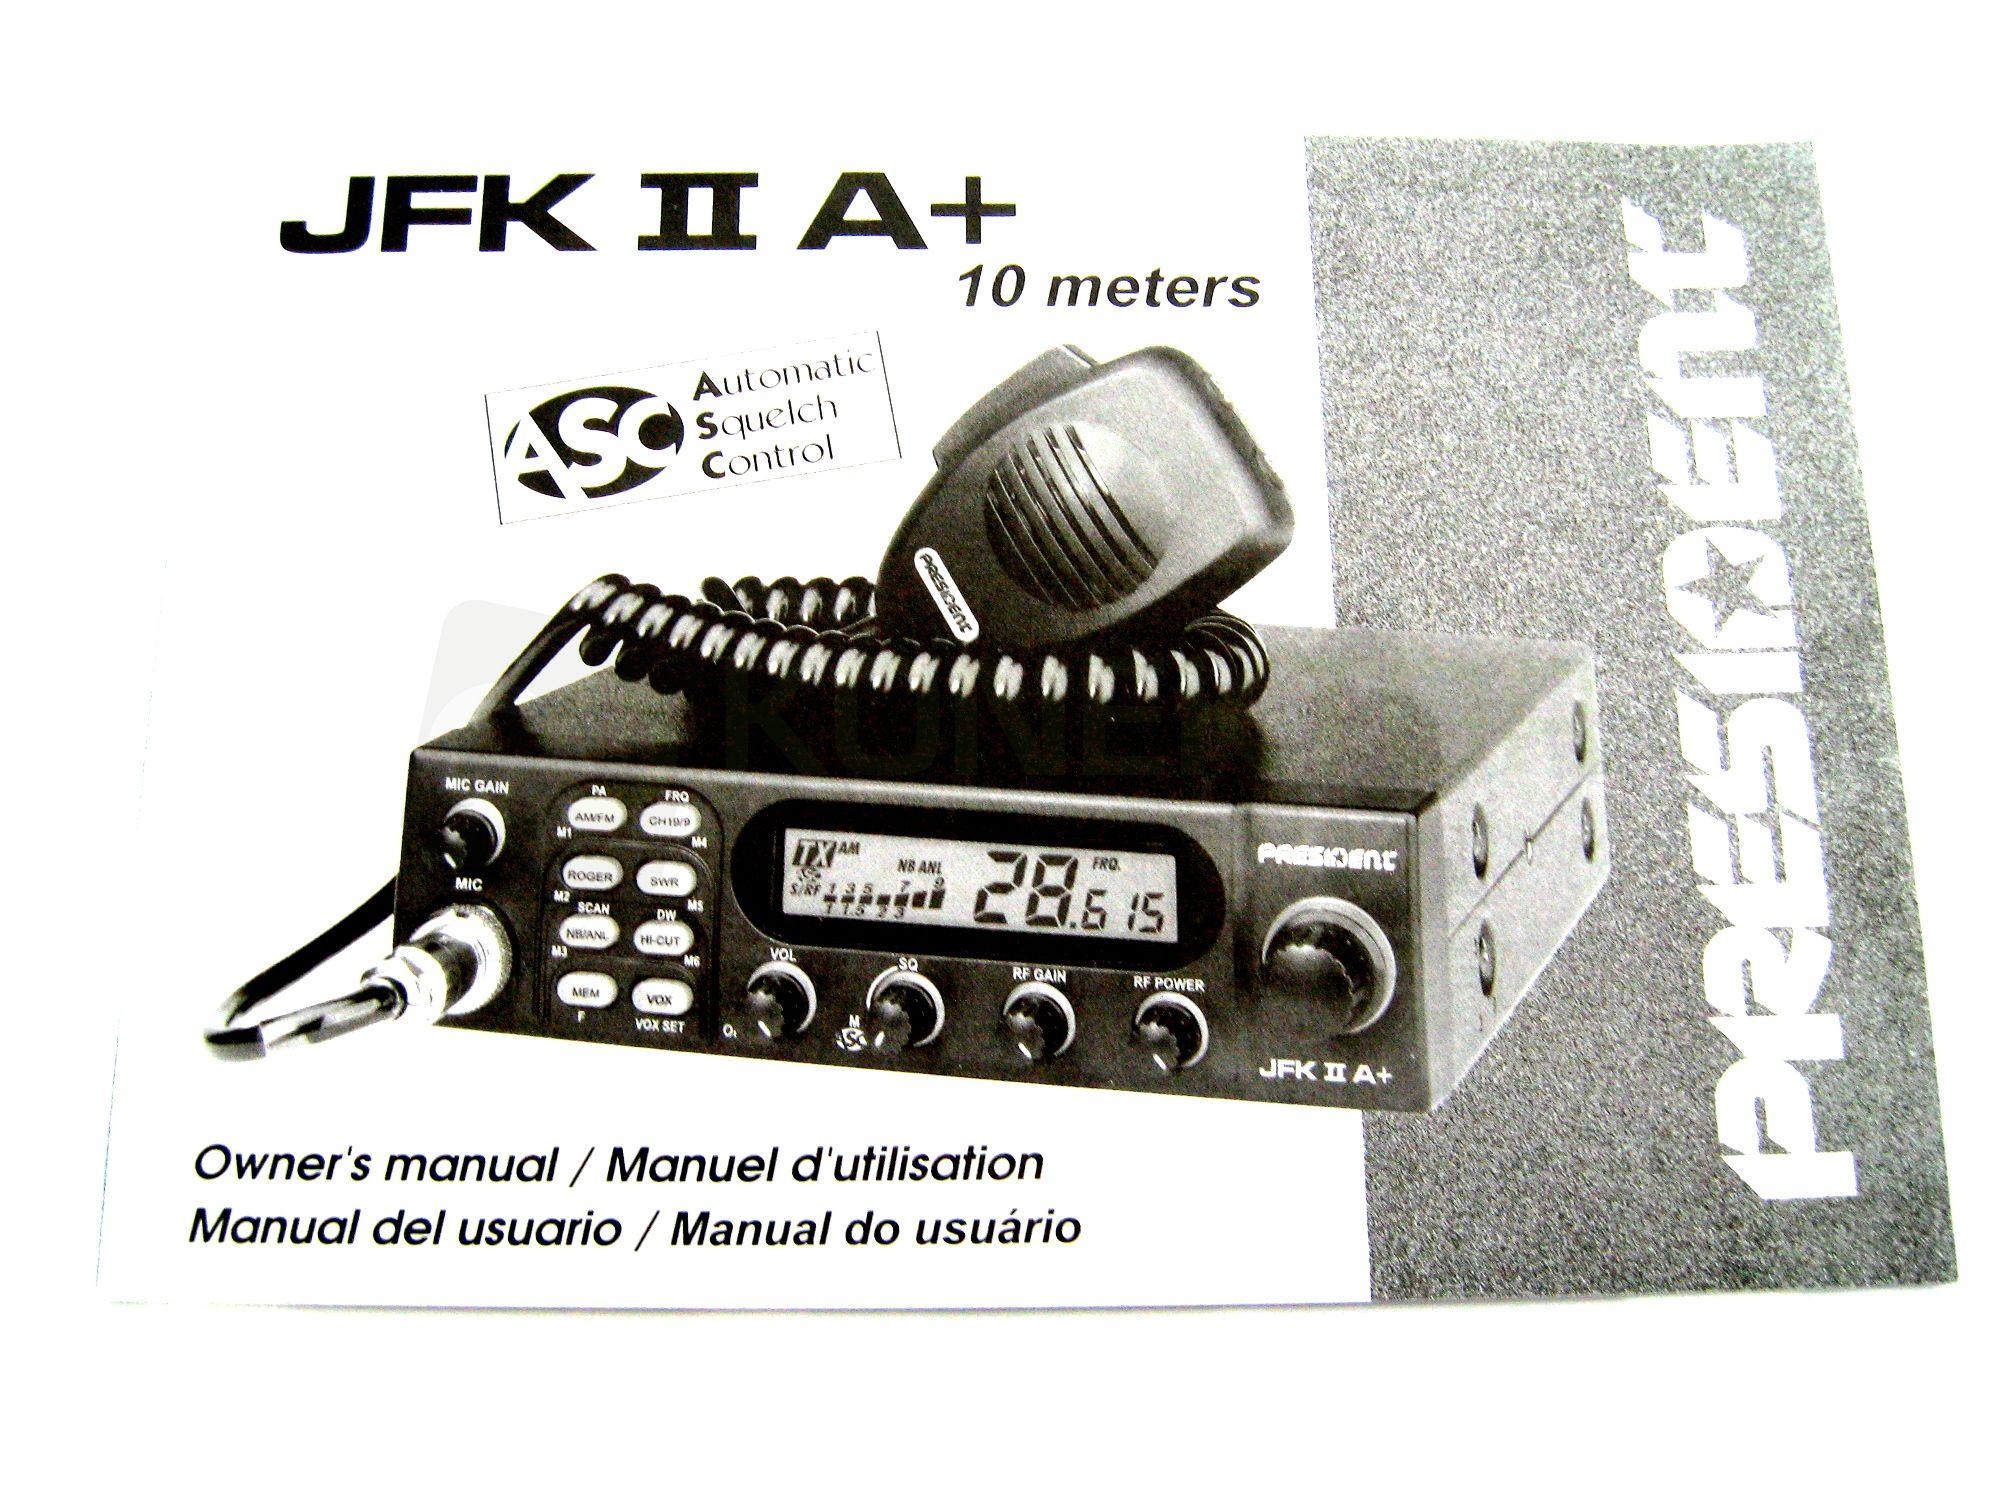 president jfk 2 cb radio